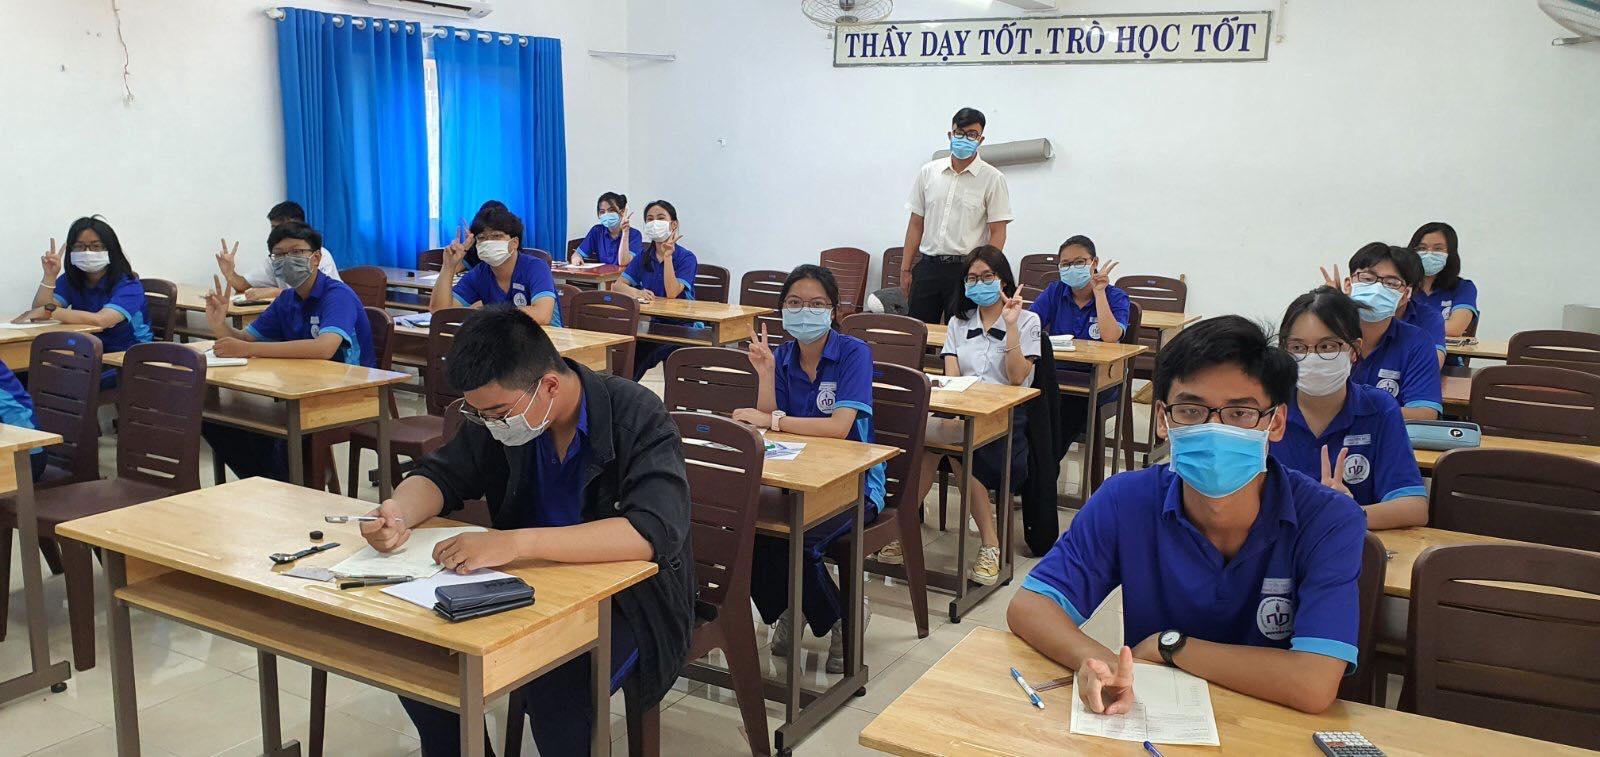 Trường THPT Nguyễn Du (quận 10) có rất nhiều hoạt động cho học sinh